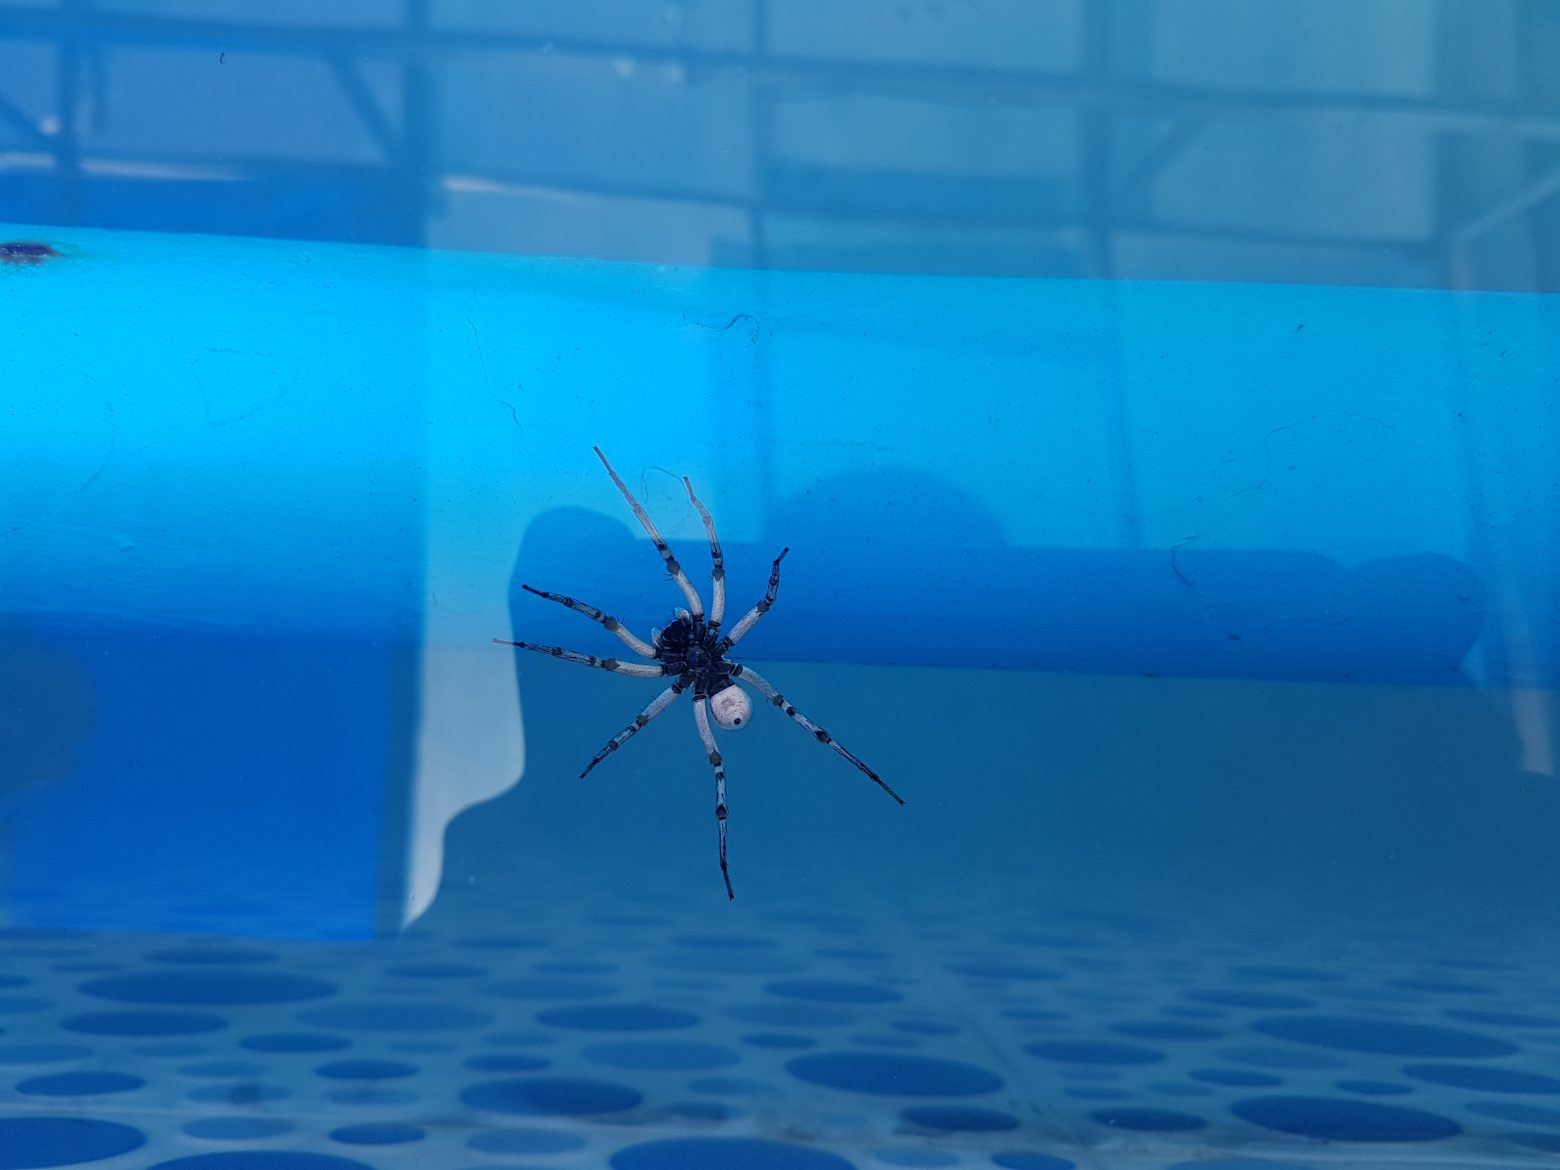 ۲۰۱۷۰۶۲۷ ۱۴۵۹۱۶ 1560x1170 - عنکبوت به شکل ربات